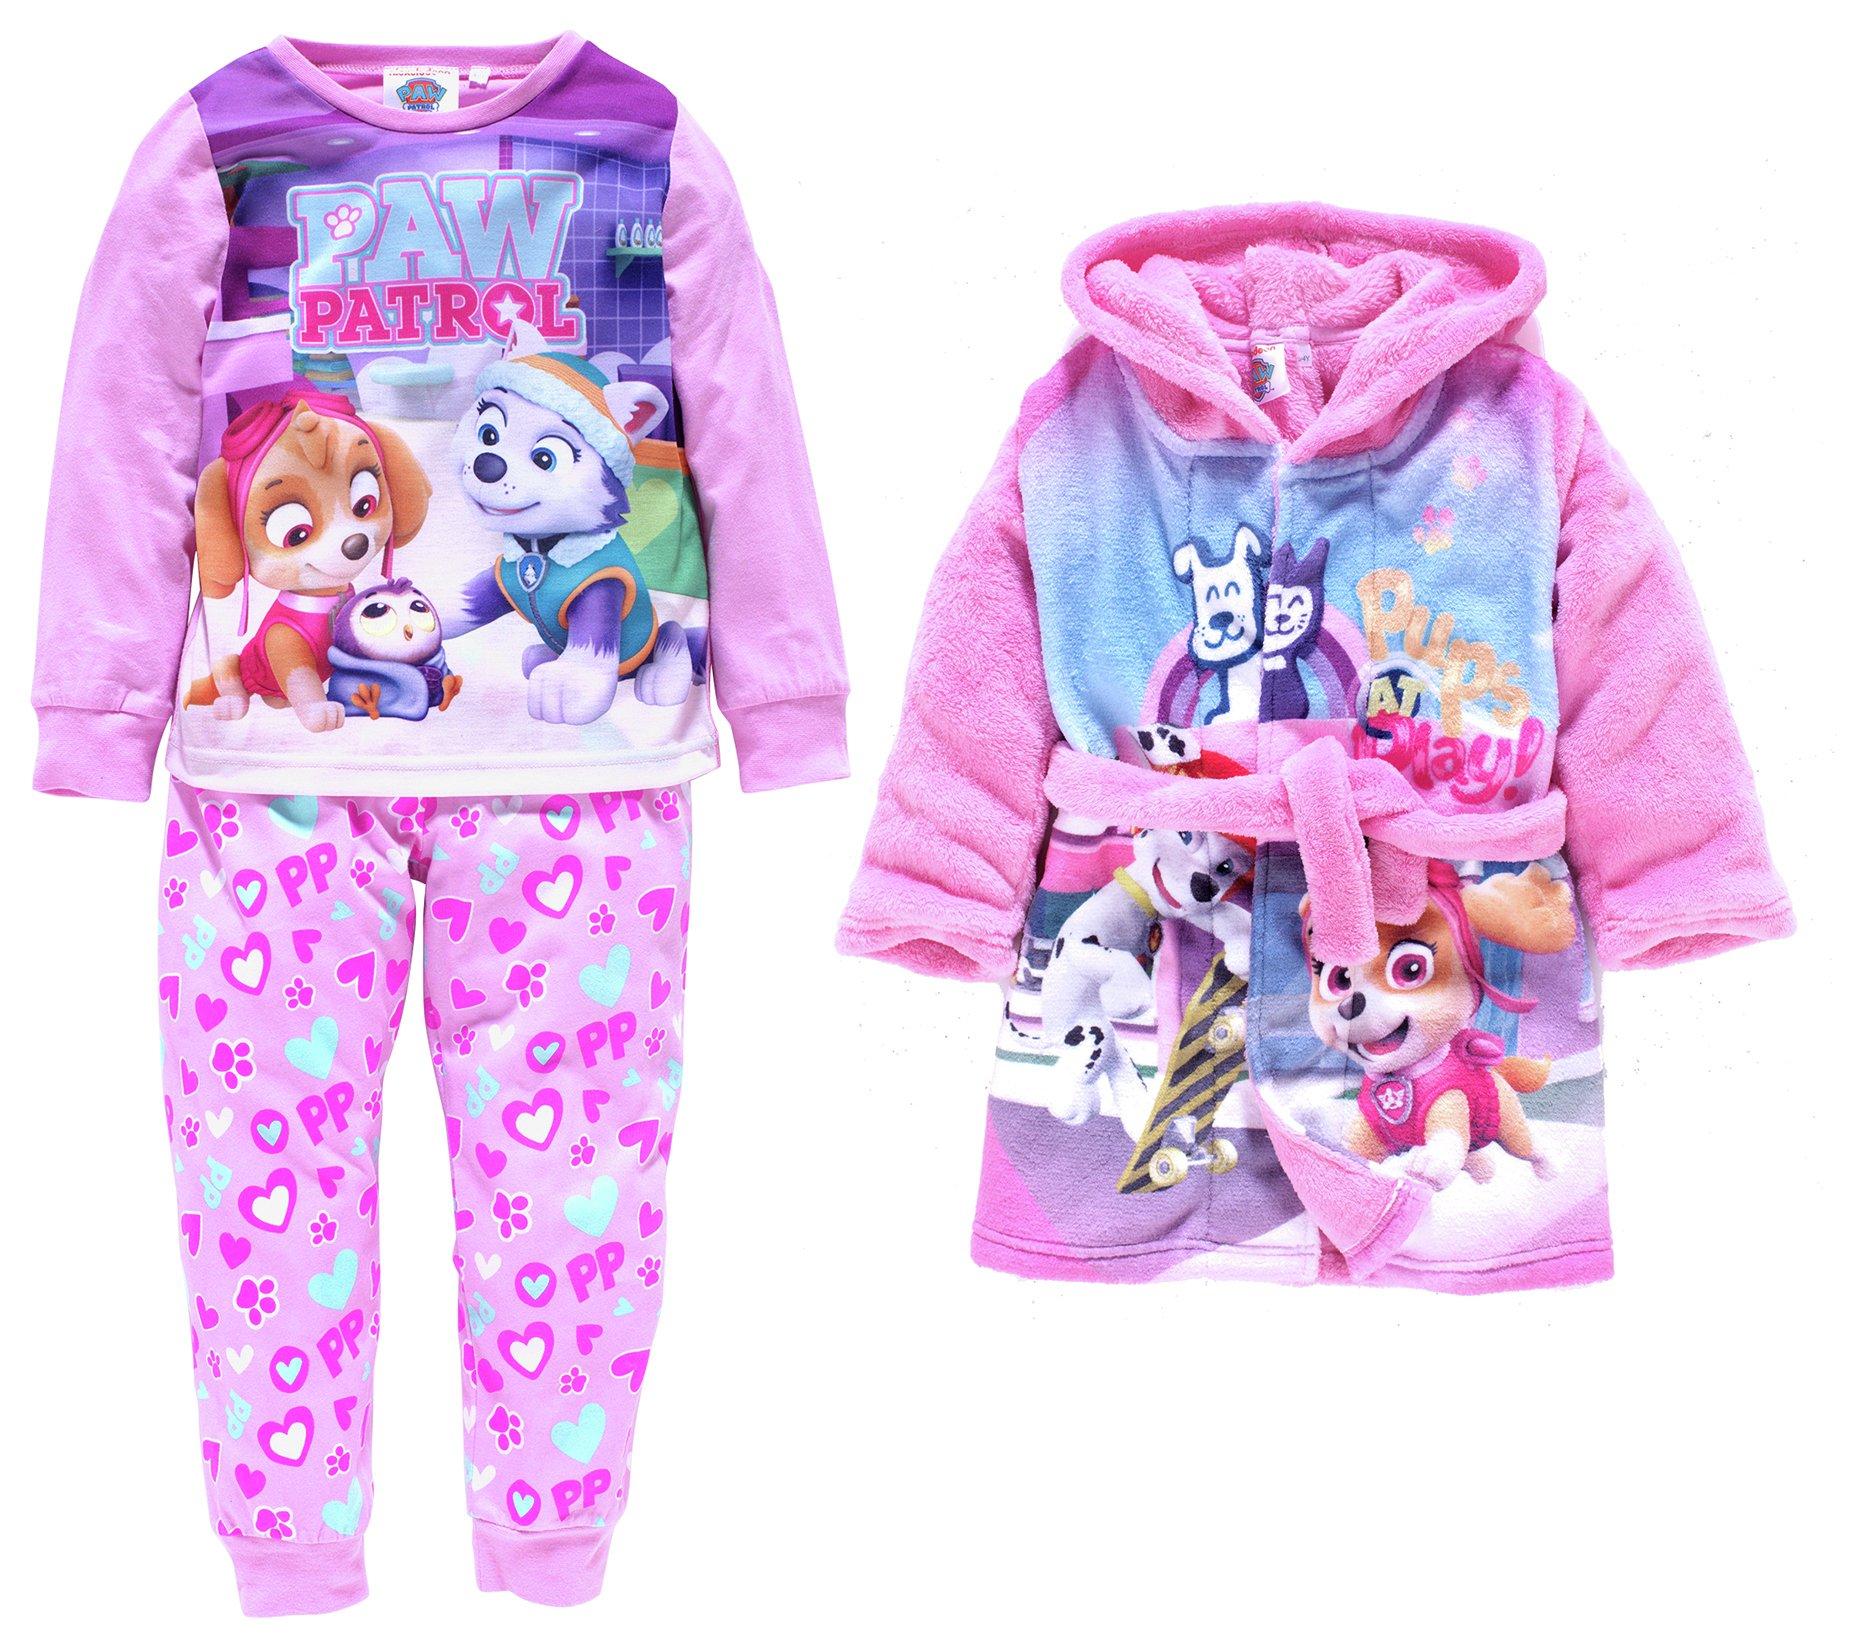 PAW Patrol Pink Nightwear Set - 18-24 Months